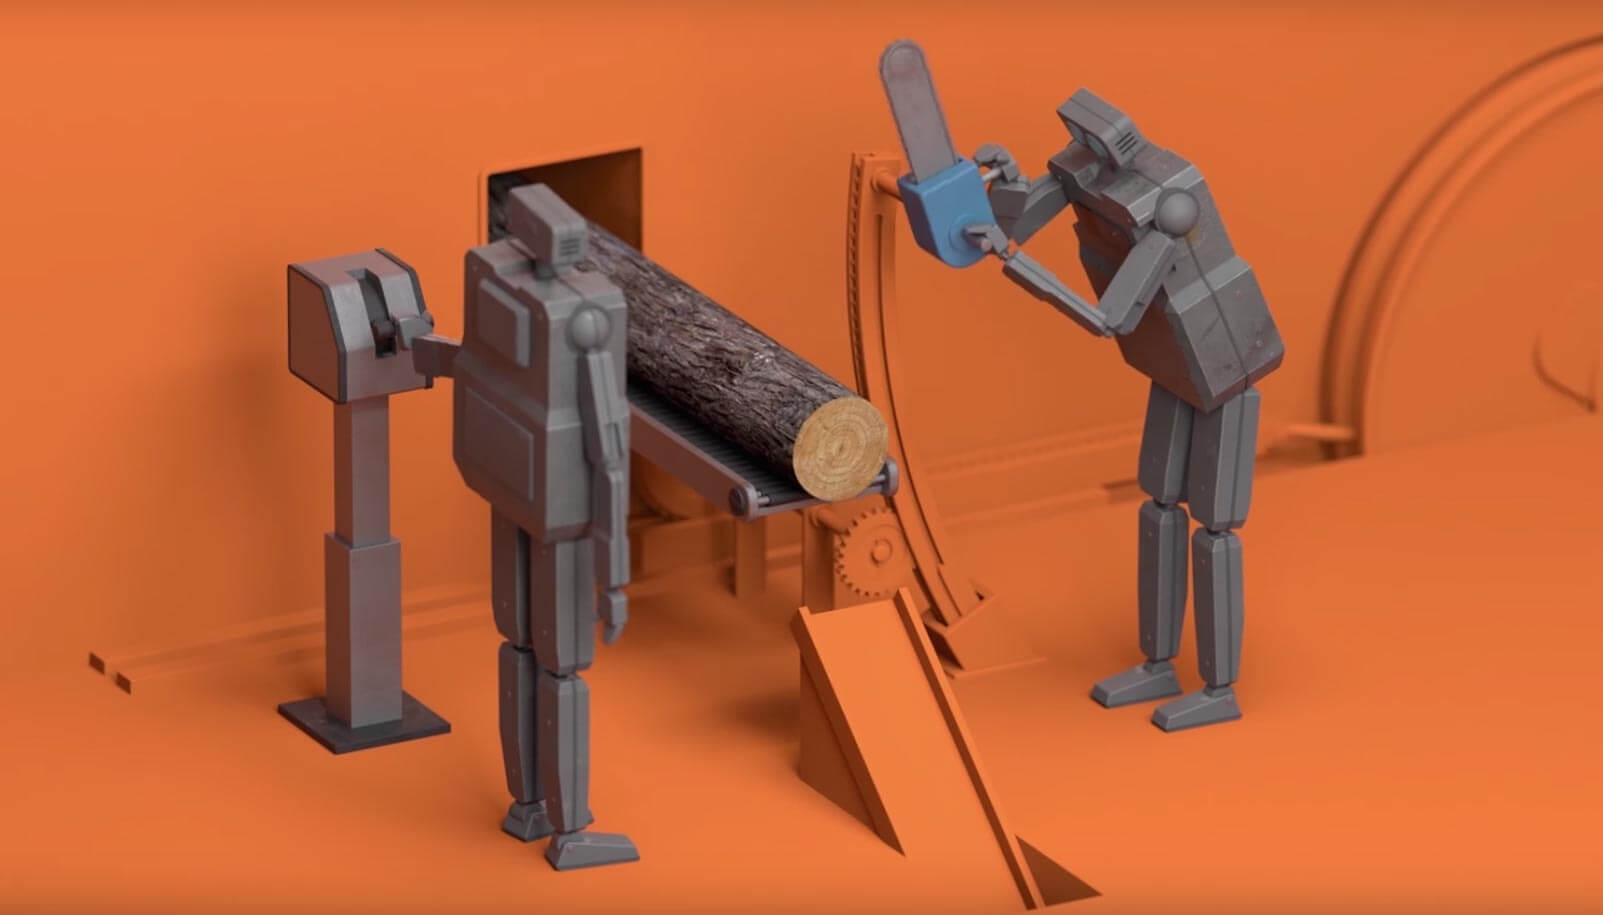 #видео дня | Грустный мультфильм о незавидной судьбе роботов-трудоголиков